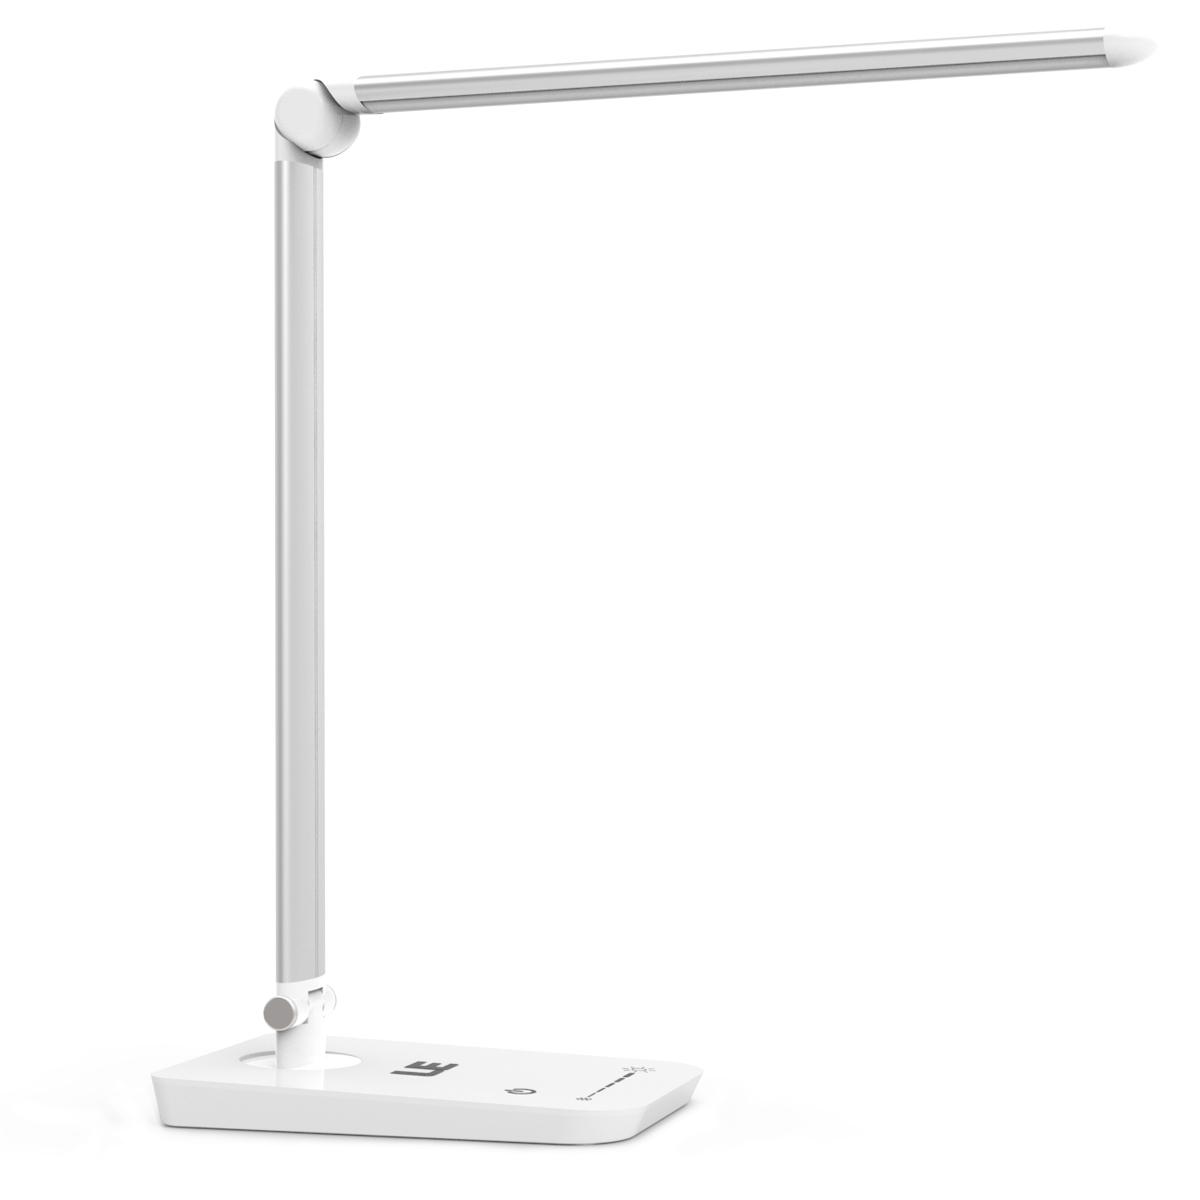 8W LED Tischlampen, Faltbar 500lm Schreibtischlampe, Touch-Sensor, Augenschutz